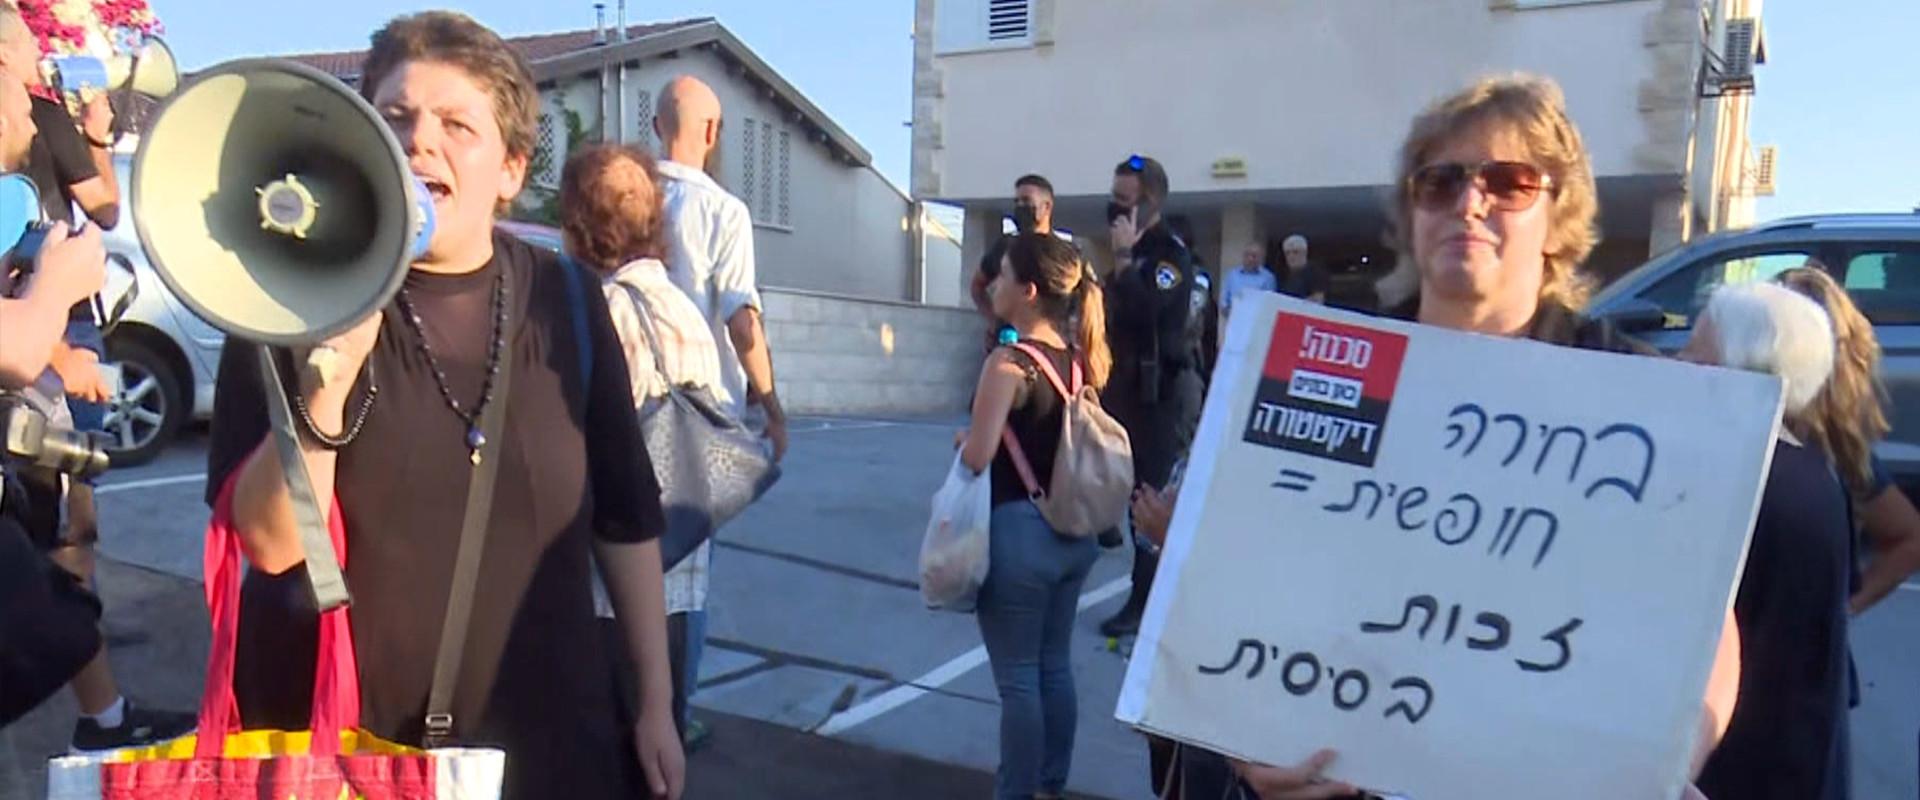 הפגנה של מתנגדי חיסונים (צילום: חדשות 12)